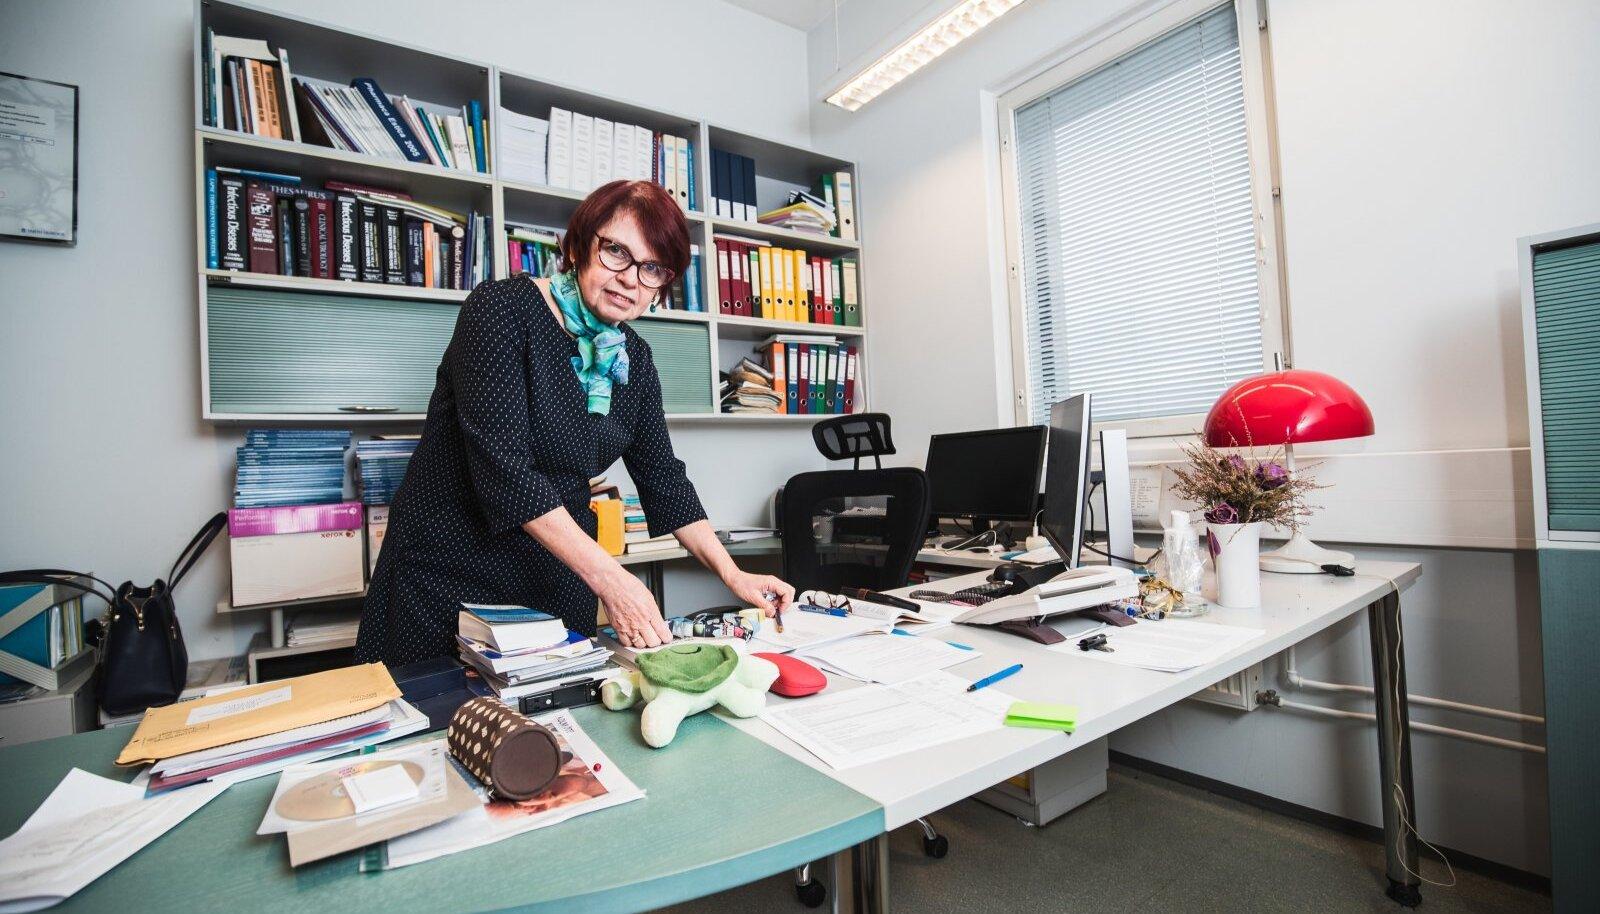 Tartu Ülikooli bio- ja siirdemeditsiini instituudi professor Irja Lutsar kohtub valitsust nõustava teadusnõukoja juhina kord nädalas kabinetinõupidamisel valitsusega, et edastada neile teadusnõukoja andmed ja soovitused.